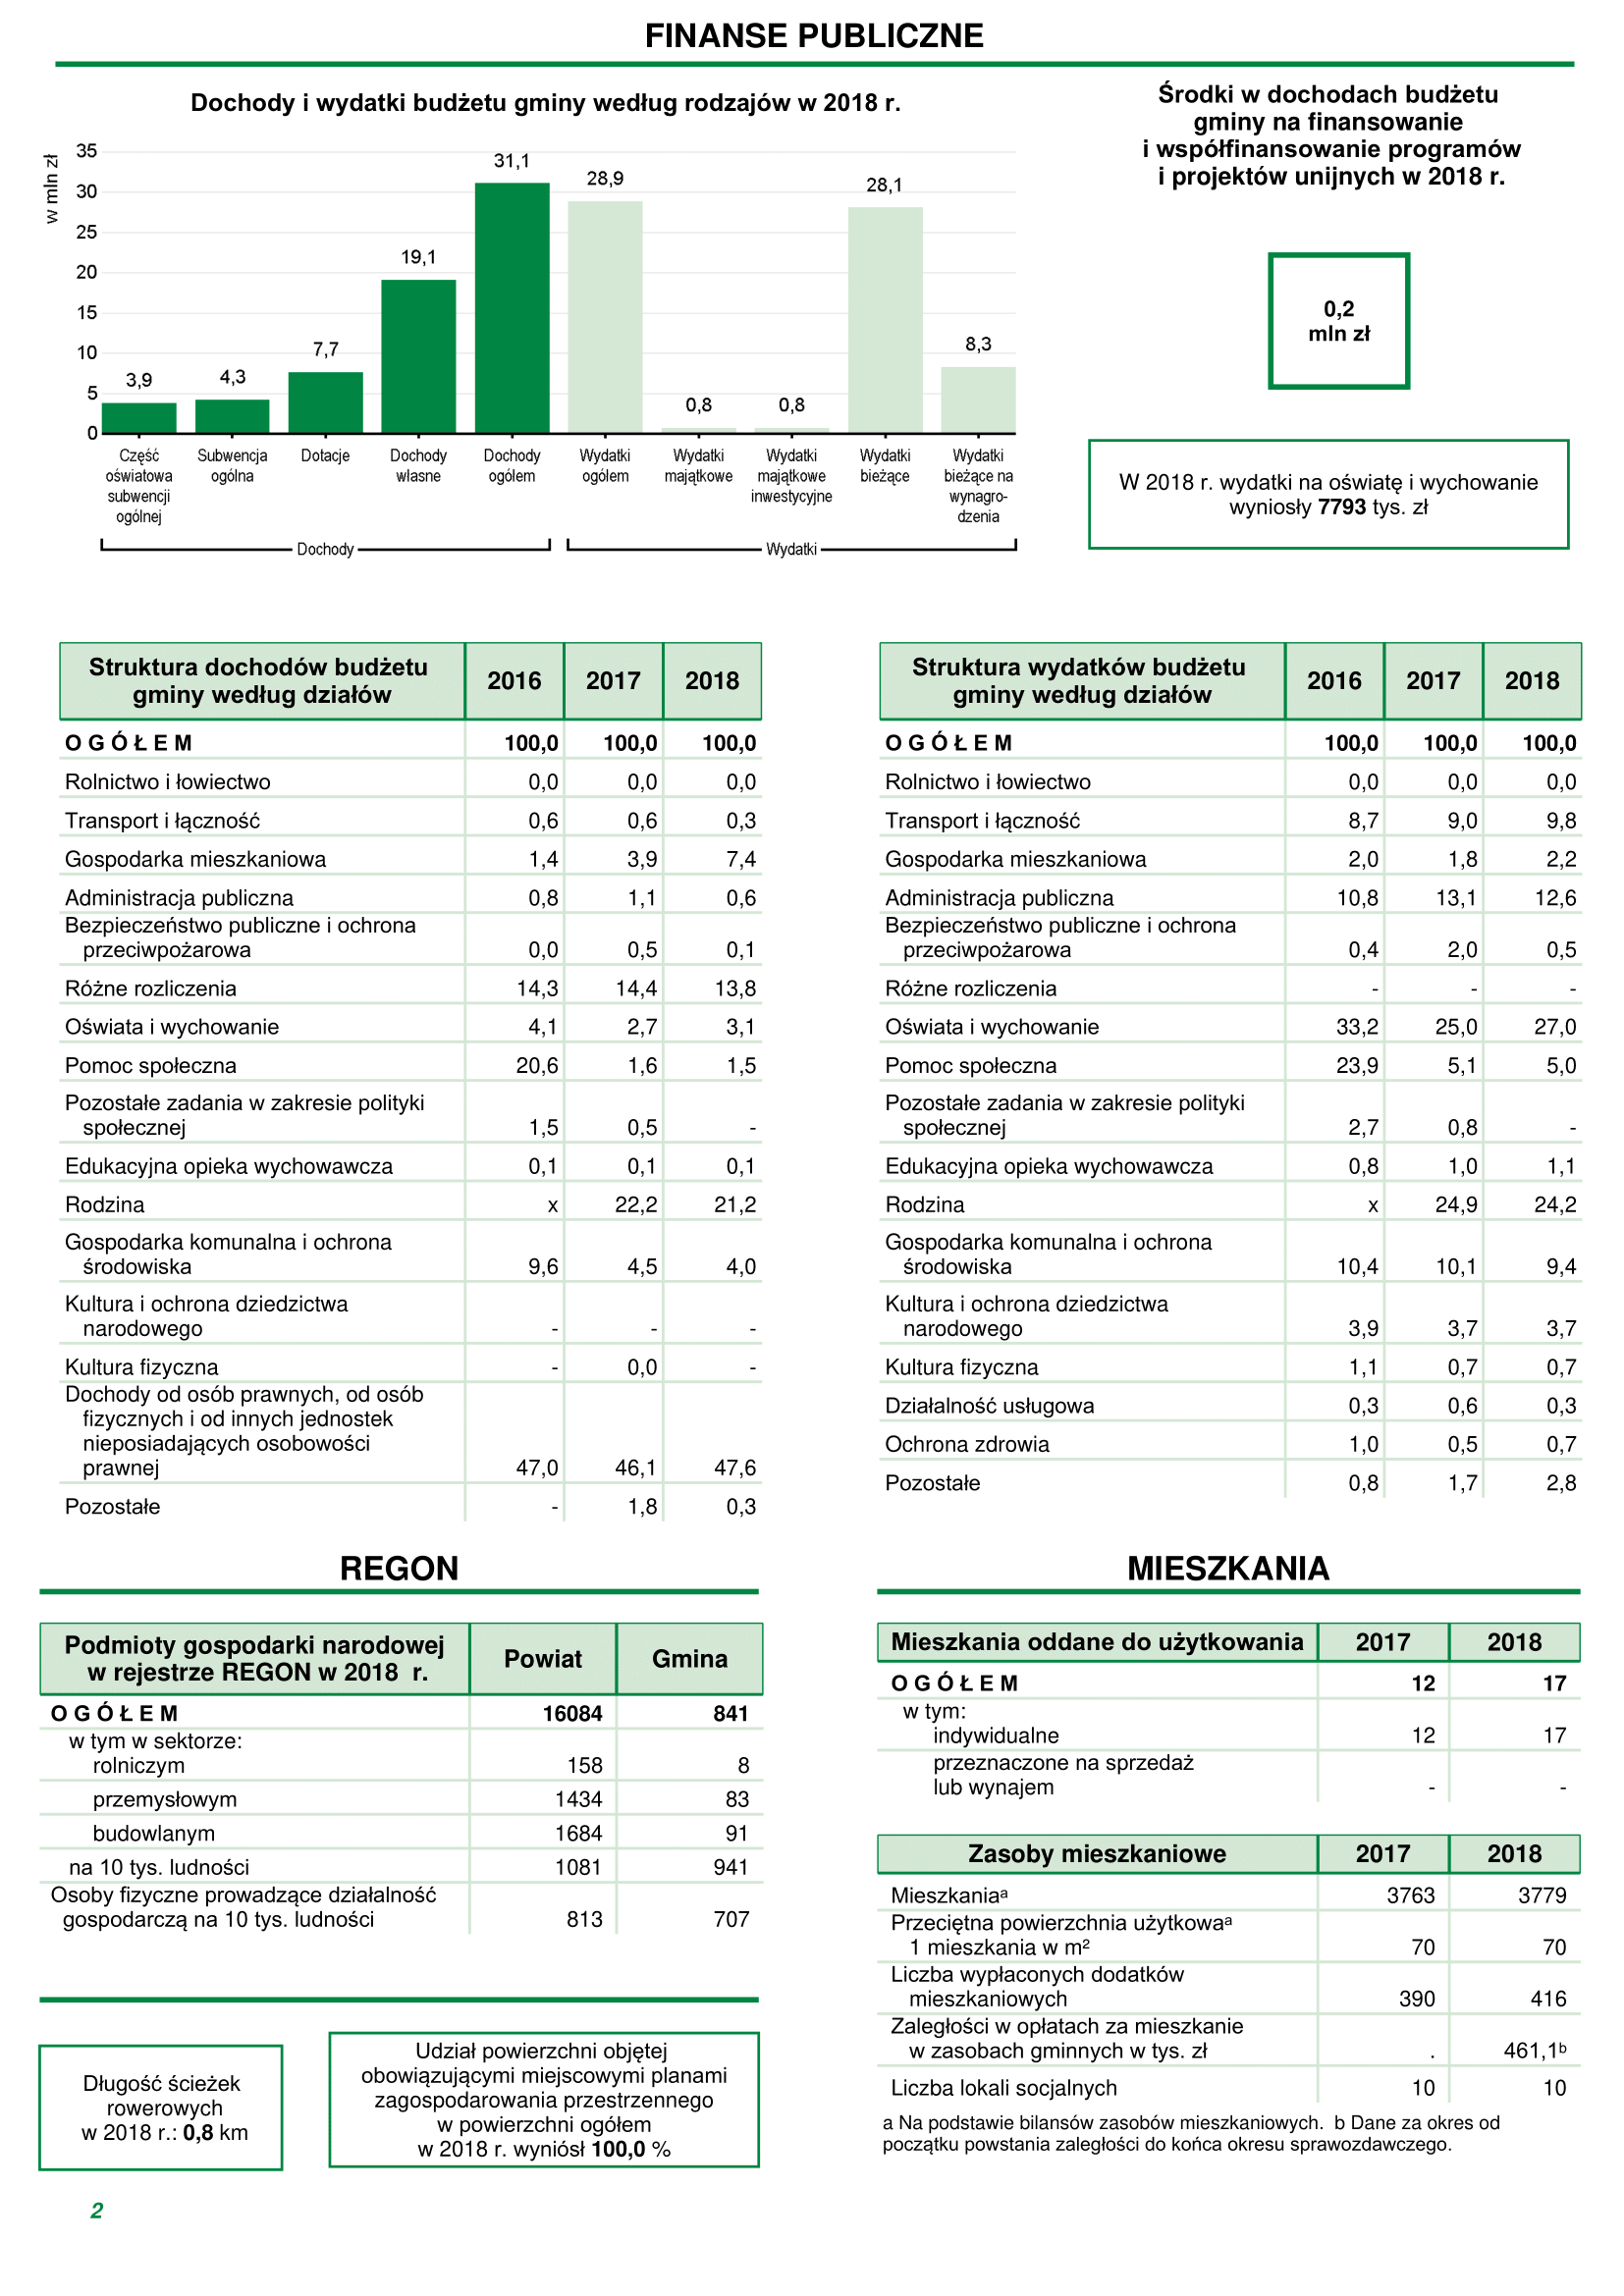 Podstawowe dane statystyczne